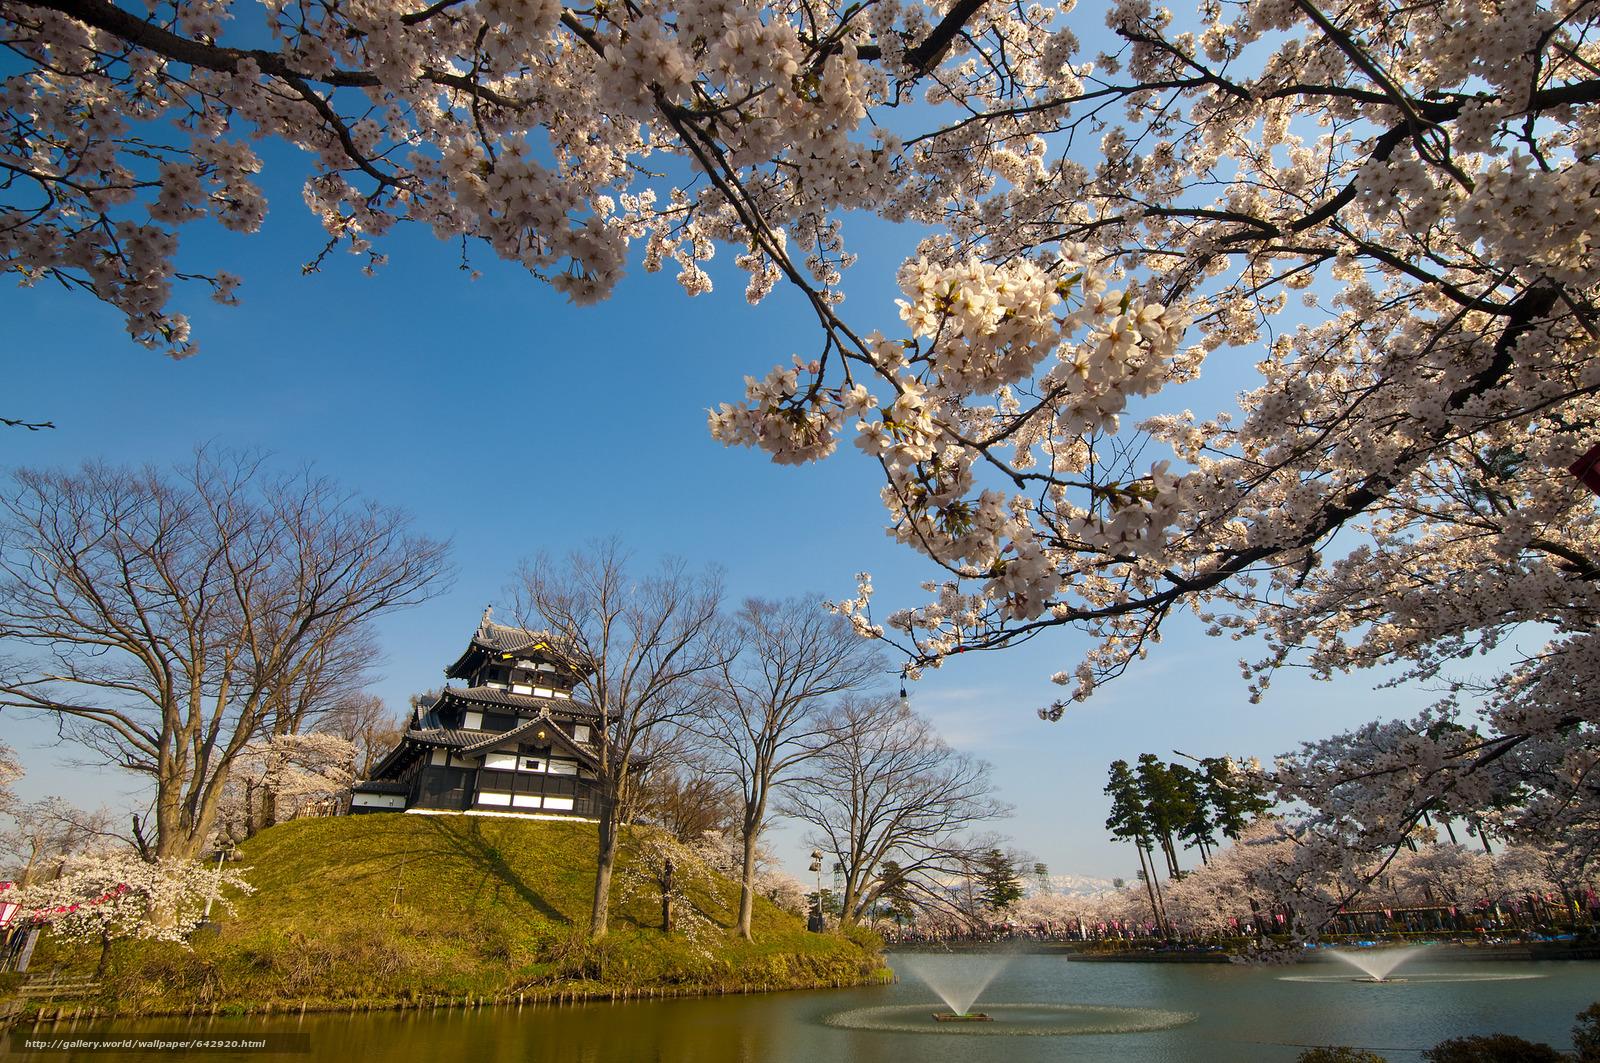 Скачать обои Япония,  Фудзияма,  замок,  парк бесплатно для рабочего стола в разрешении 2048x1360 — картинка №642920